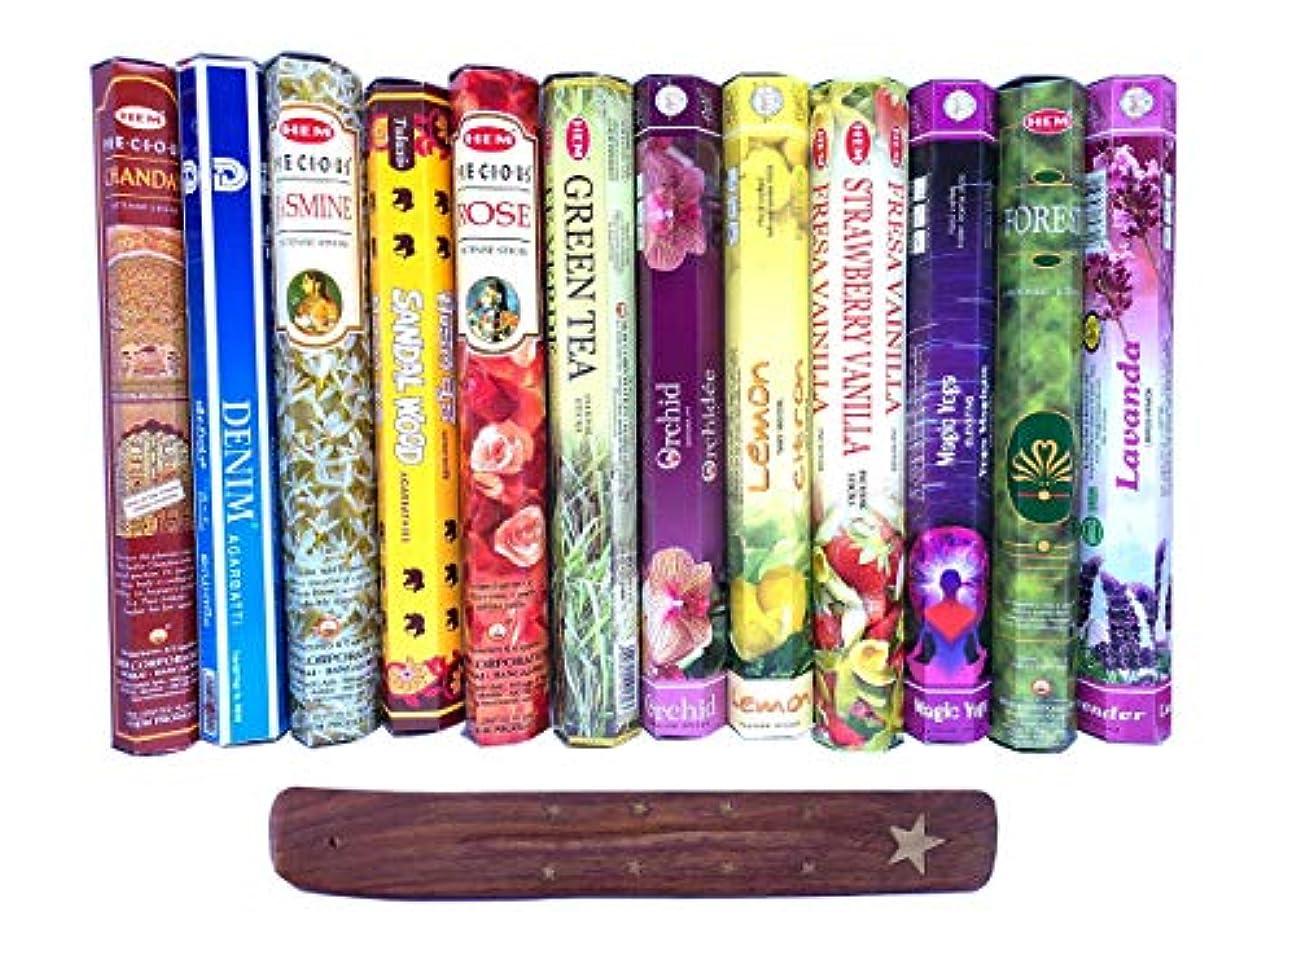 レンズ独特のアスペクトインド お香12種類と木のお香立セット スティック アソートパック アロマ